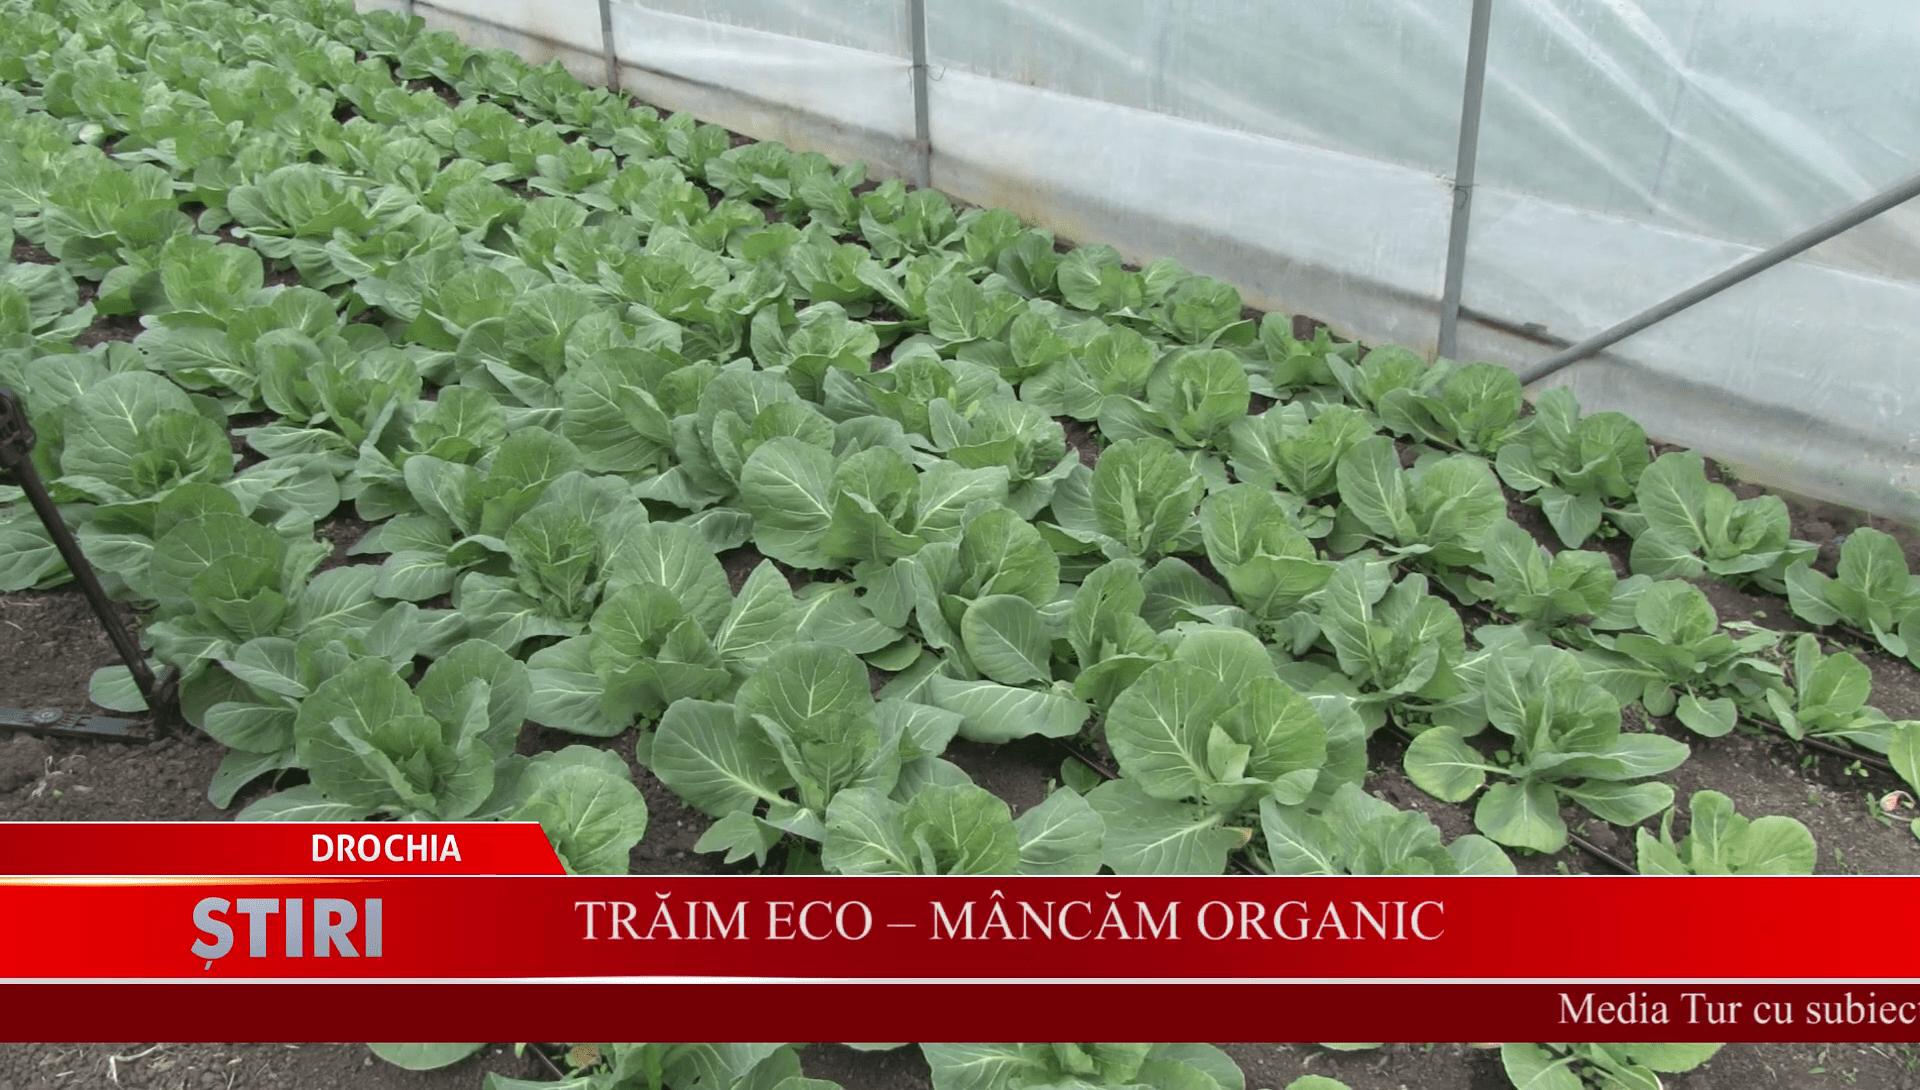 Trăim Eco - Mâncăm organic